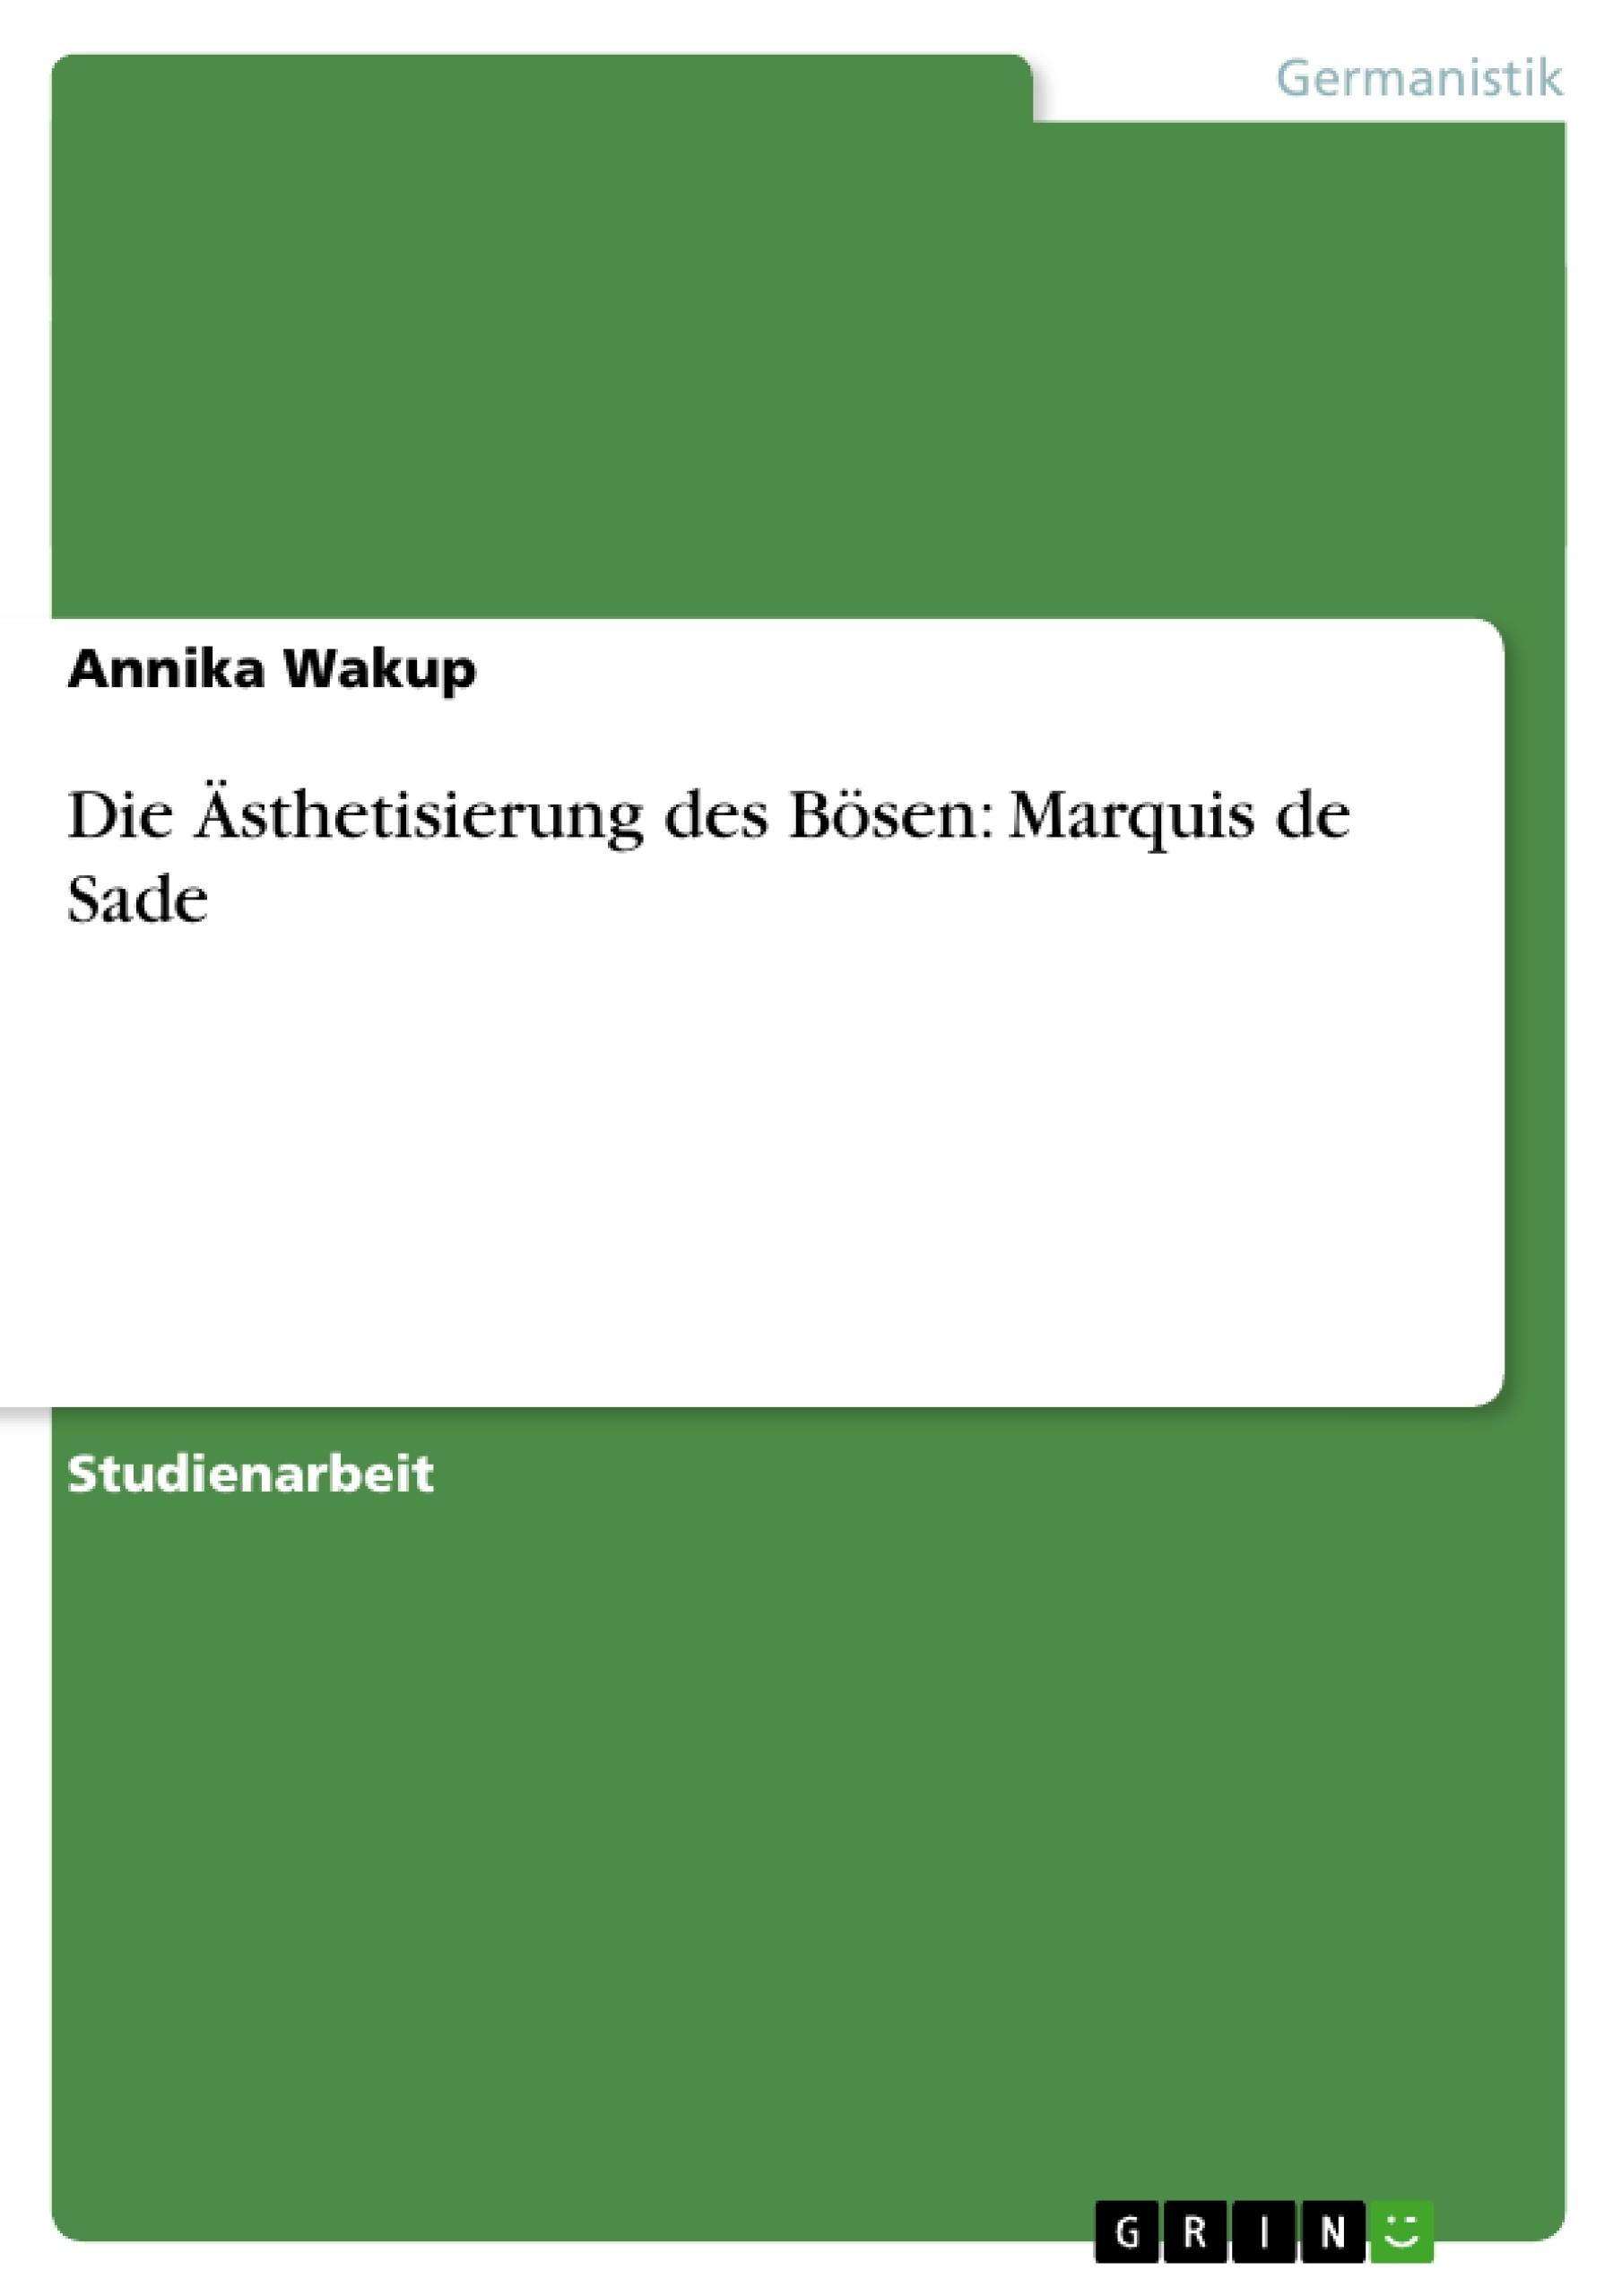 Titel: Die Ästhetisierung des Bösen: Marquis de Sade